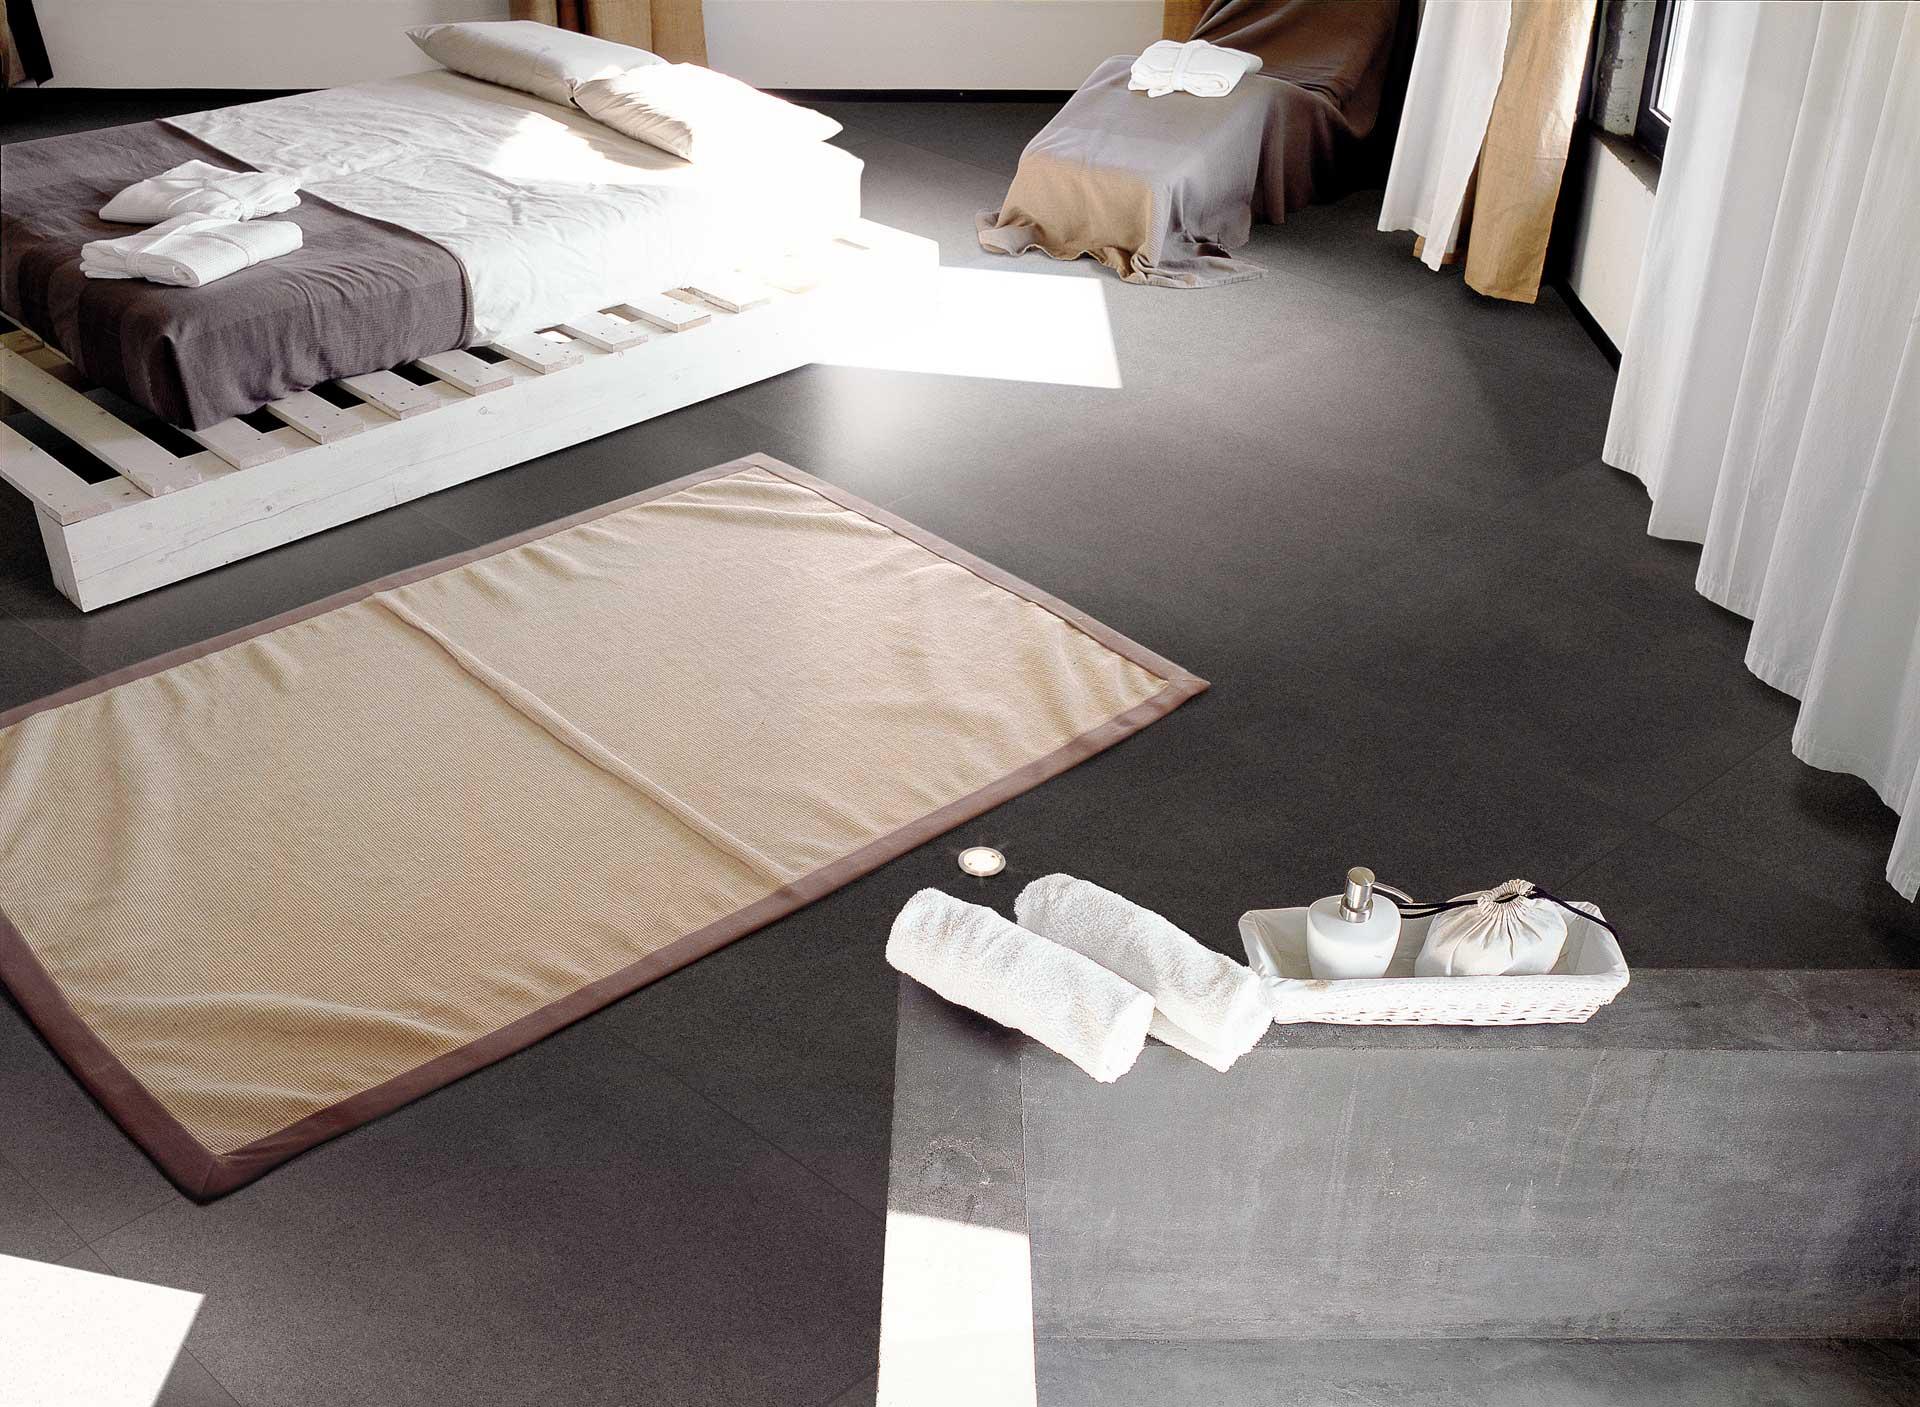 nodu fliesen r ume gestalten leben genie en. Black Bedroom Furniture Sets. Home Design Ideas